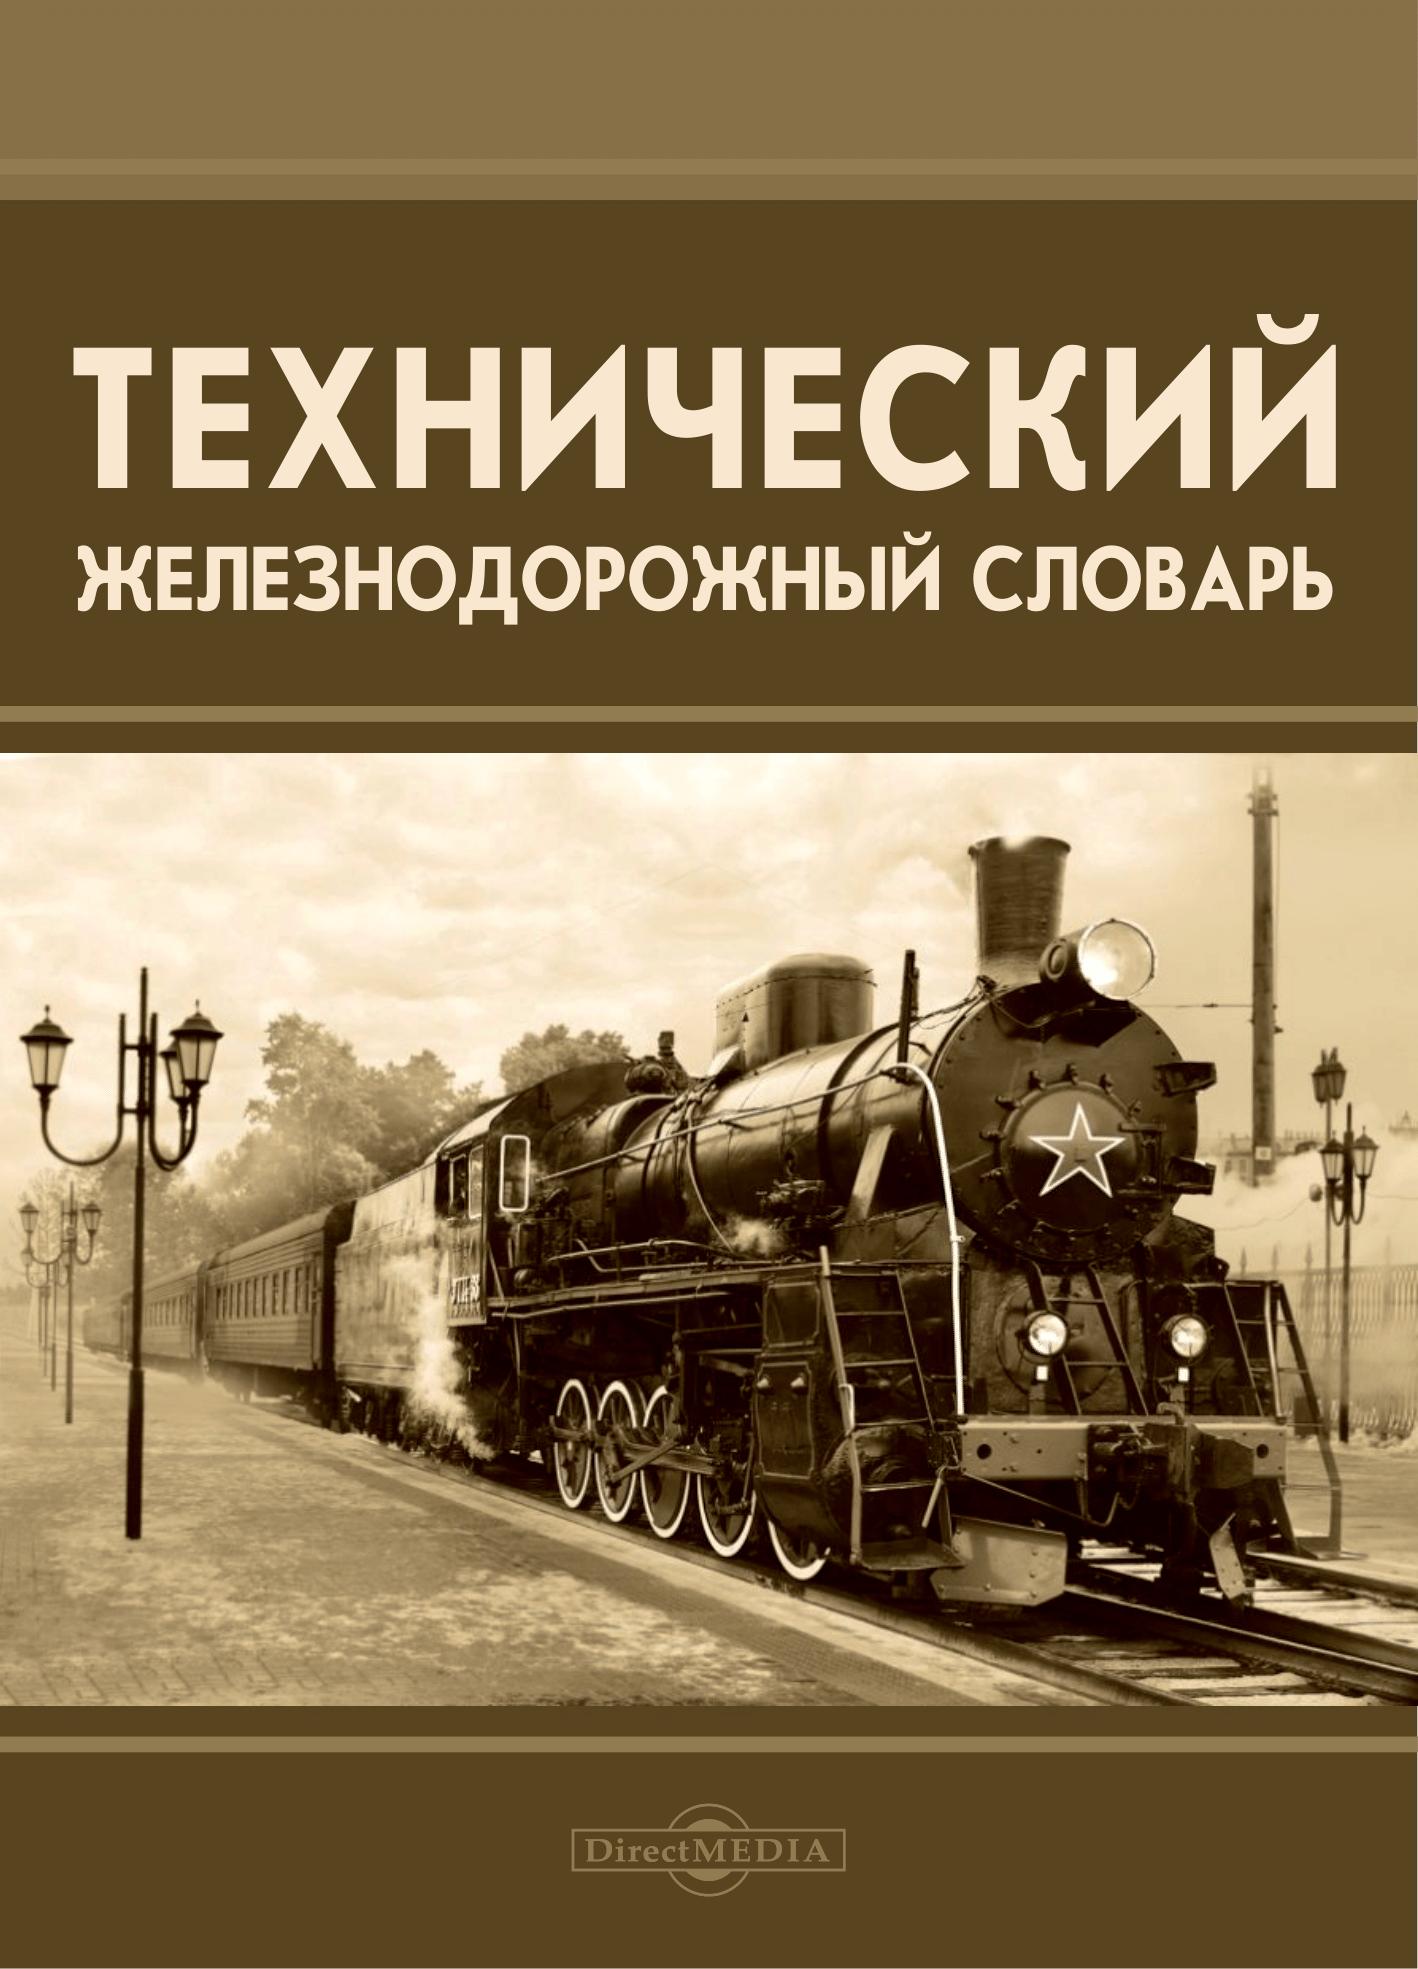 Технический железнодорожный словарь